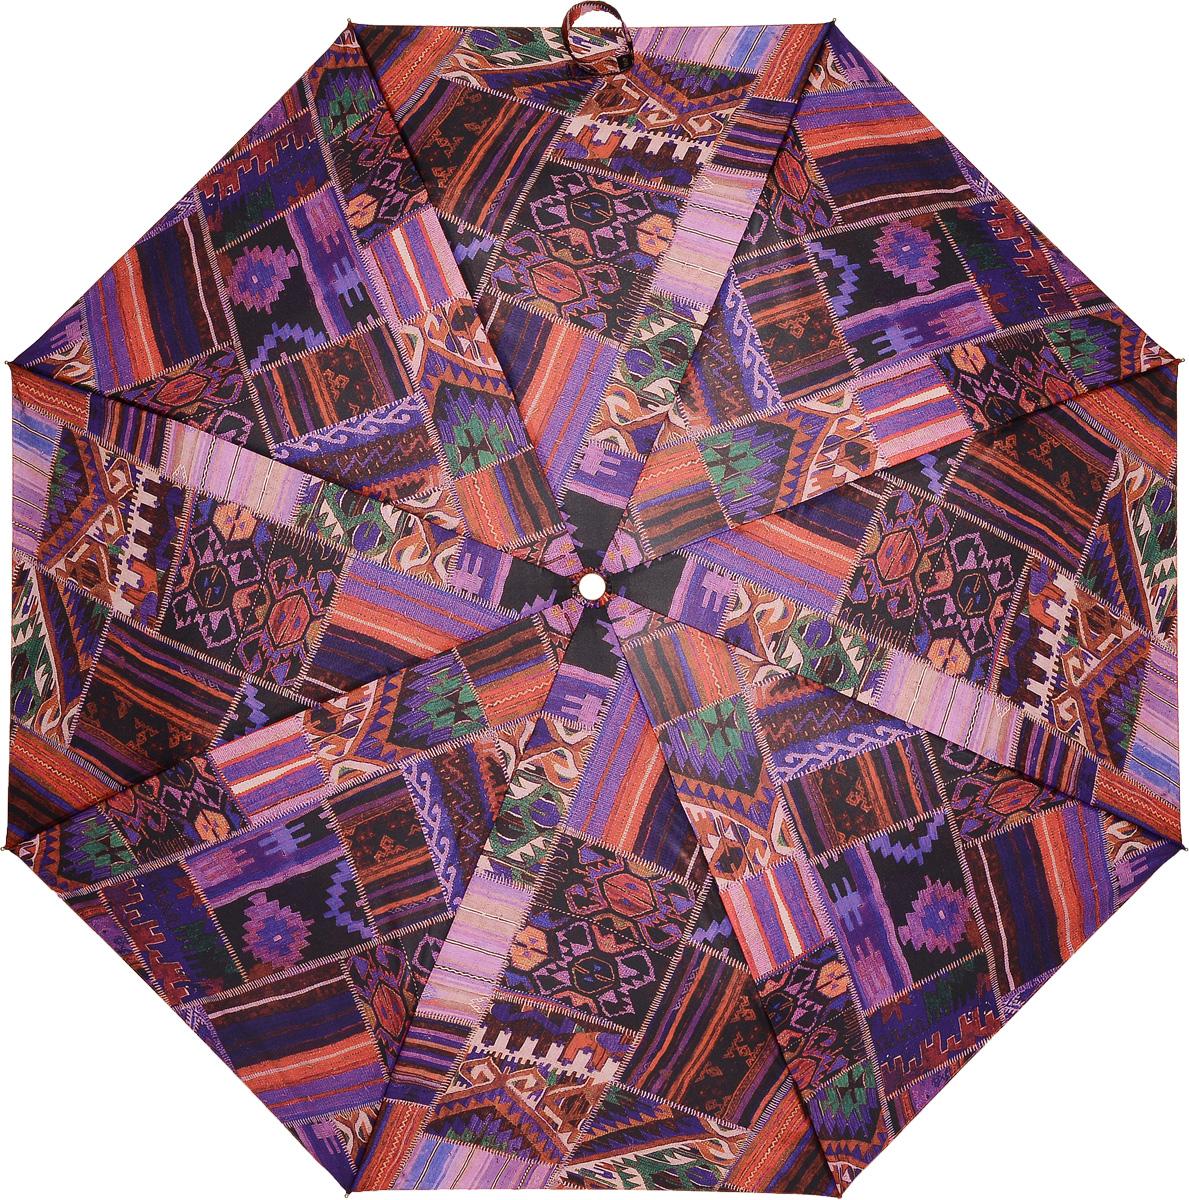 M&P 5867-3 Зонт полный автом. 3 сл. жен.REM12-GREYЗонт испанского производителя Clima. В производстве зонтов используются современные материалы, что делает зонты легкими, но в то же время крепкими.Полный автомат, 3 сложения, 7 спиц, полиэстер.